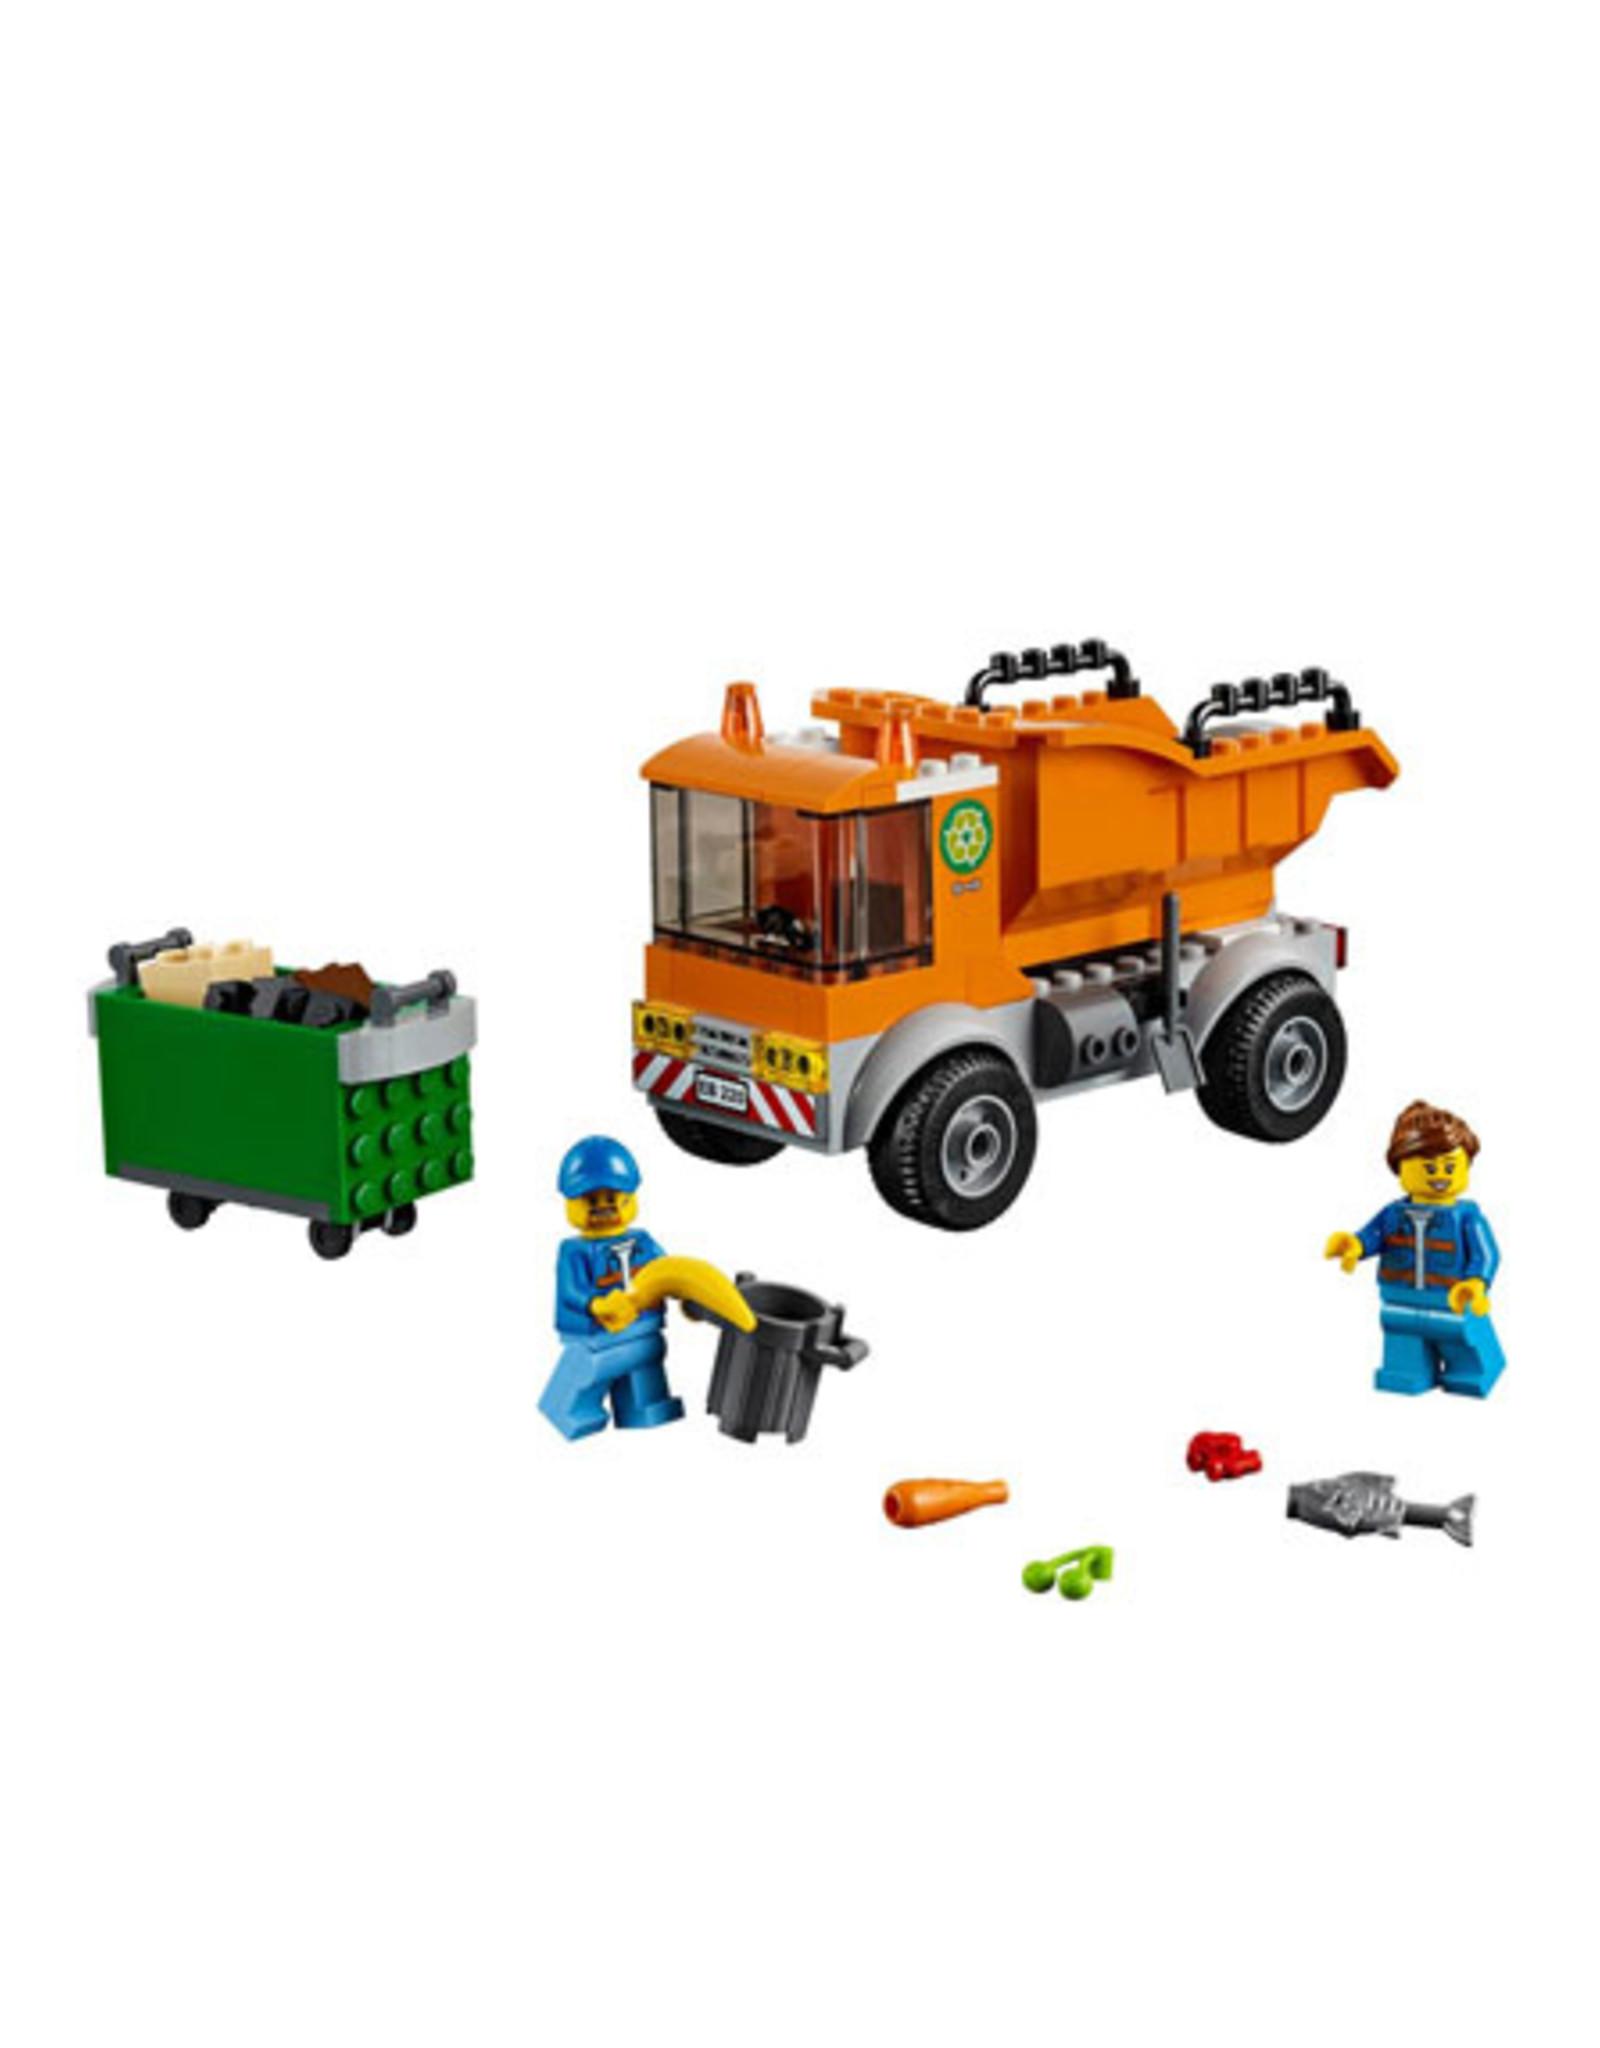 LEGO LEGO 60220 Garbage Truck CITY